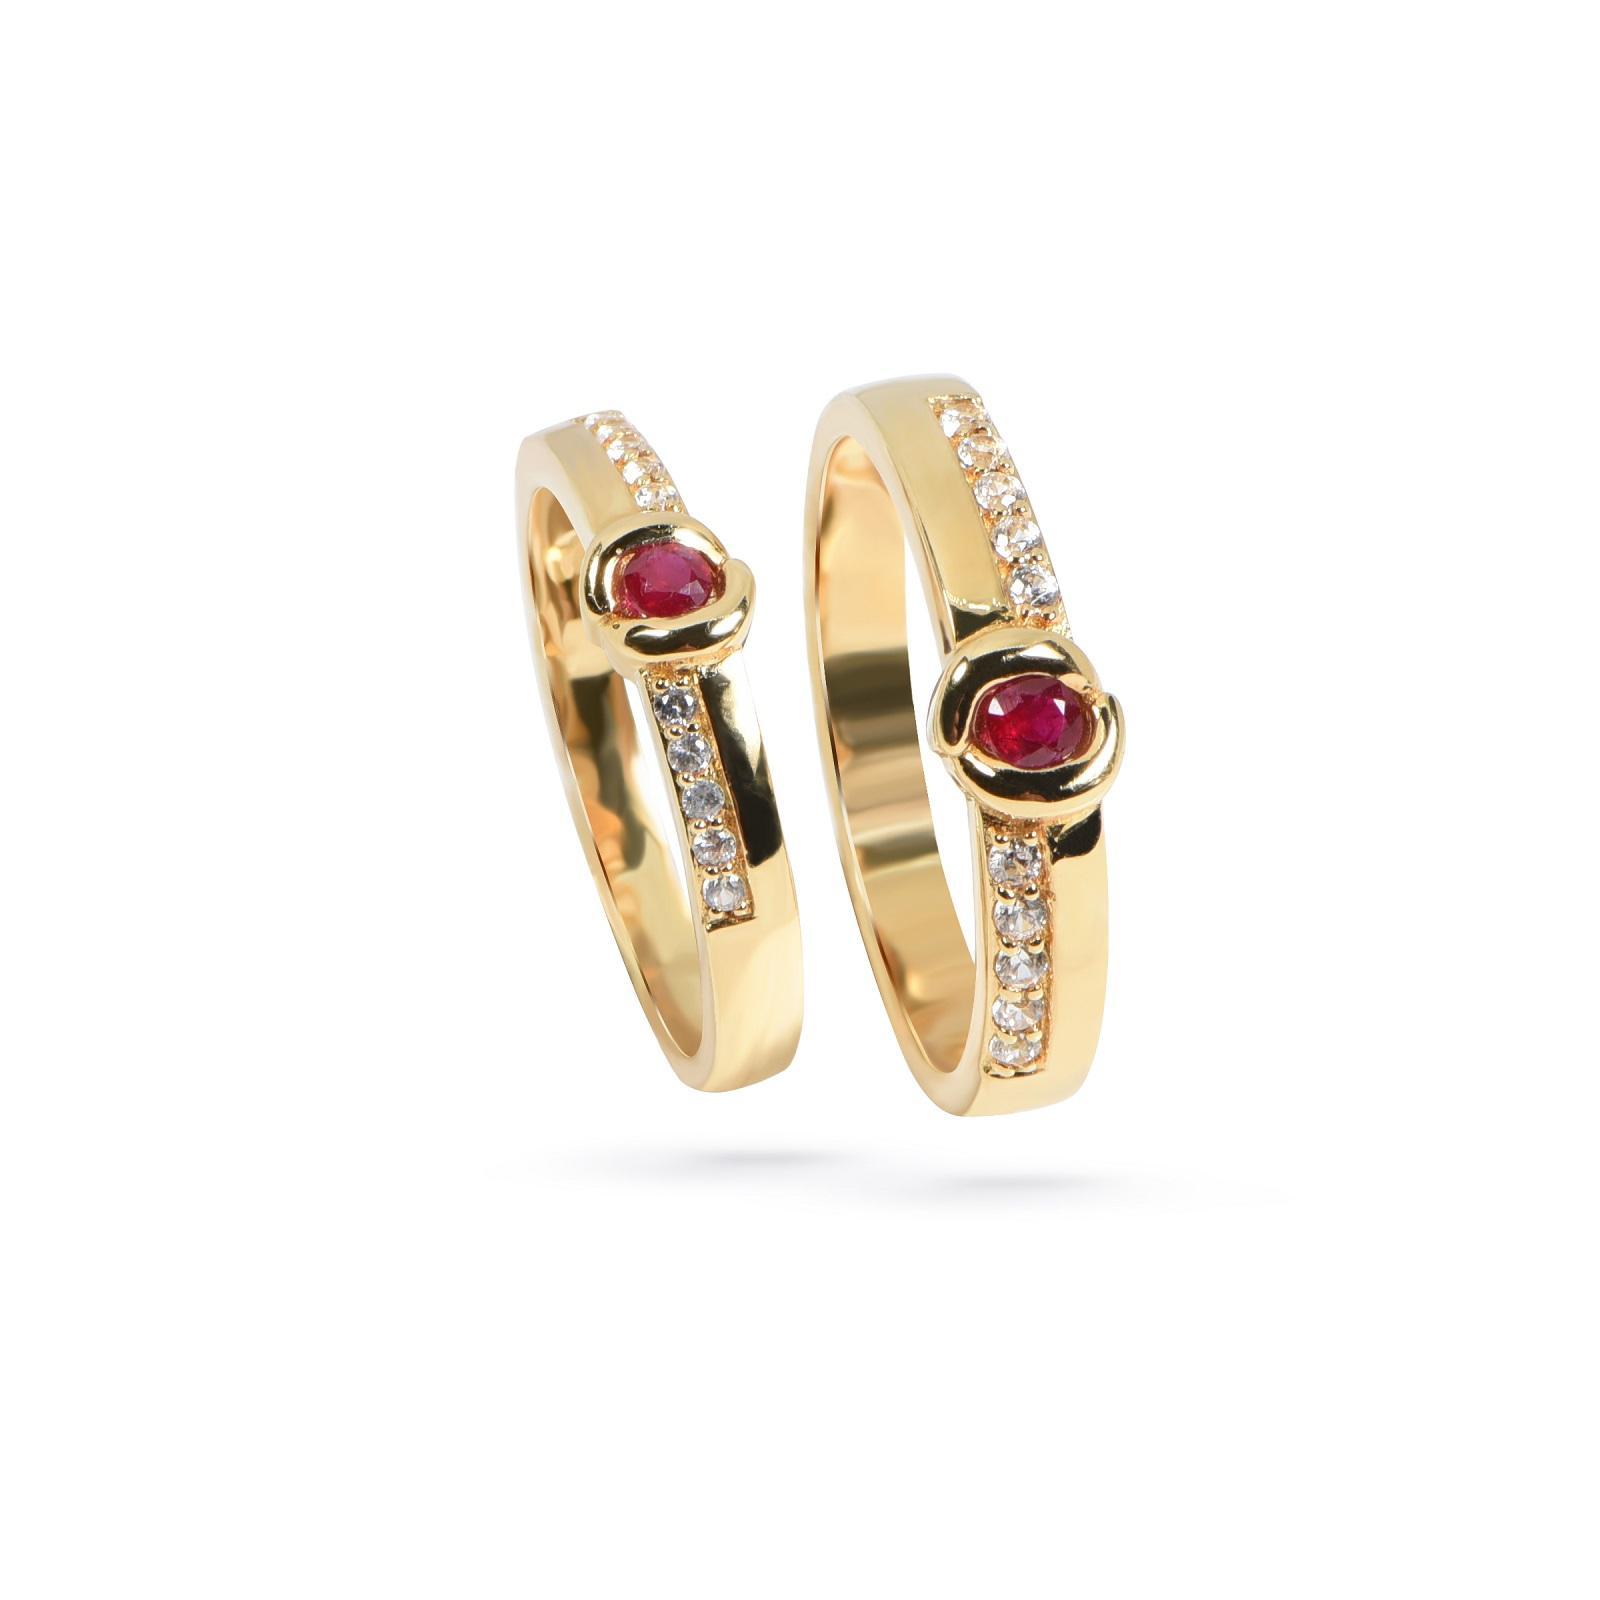 Nhẫn cưới đính đá có ý nghĩa gì? 2